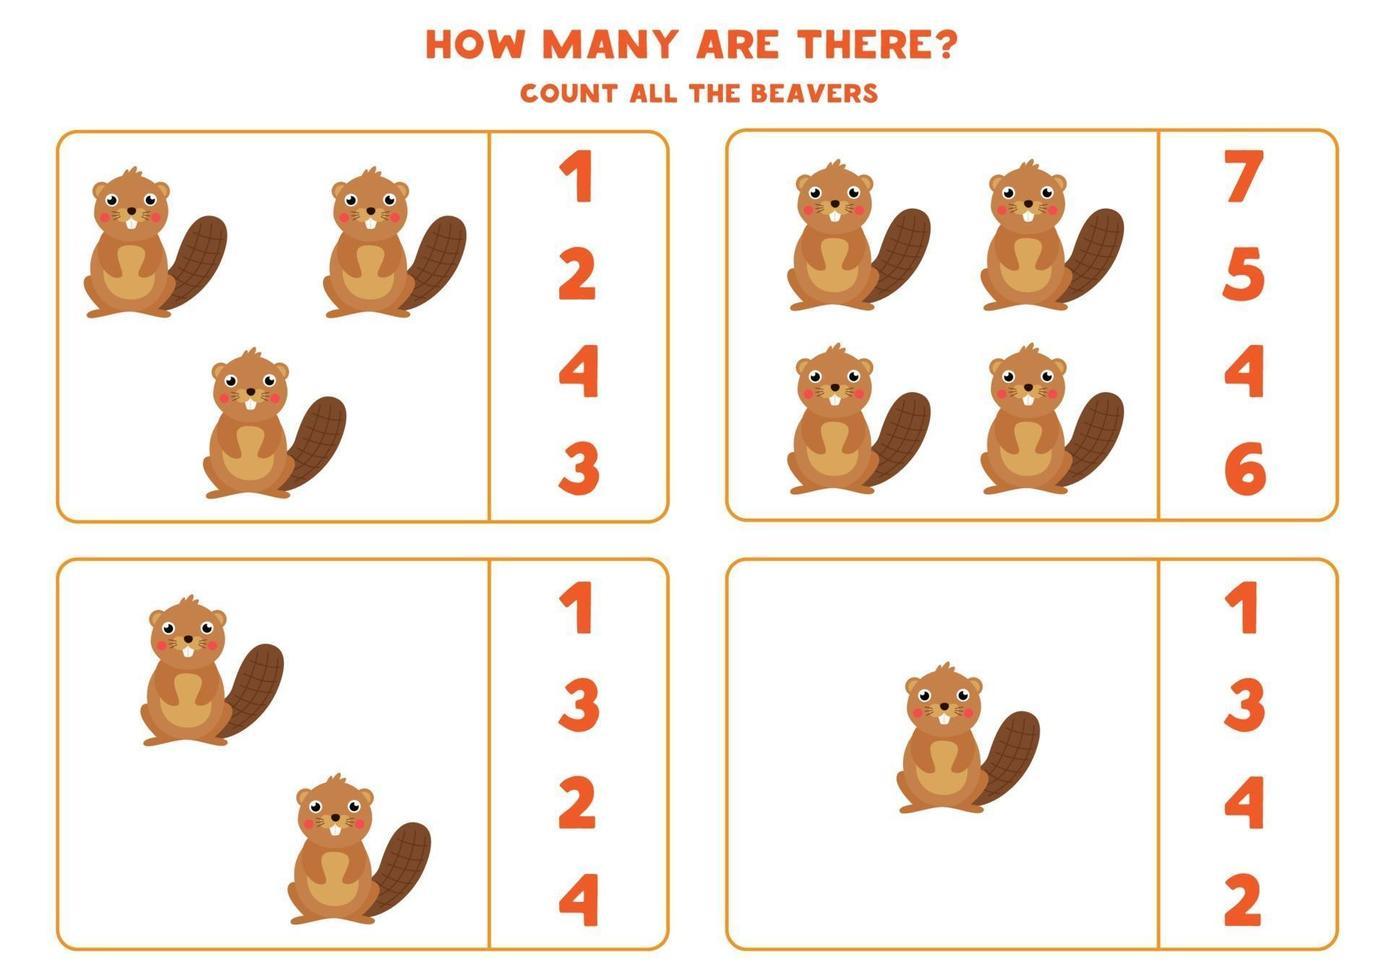 contando jogo de matemática com castores bonitos dos desenhos animados. vetor